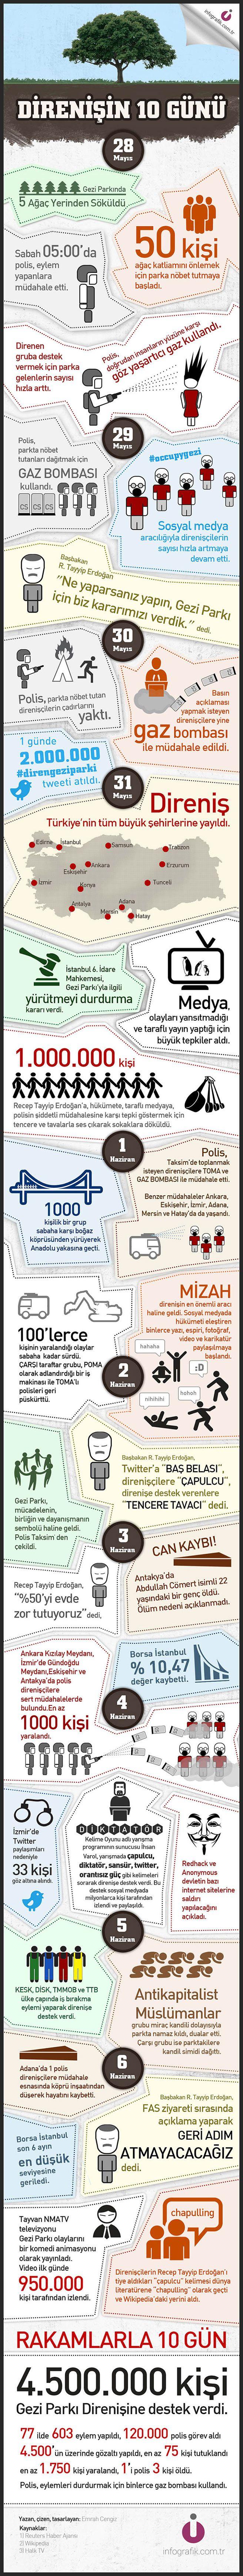 Direniş'in 10 Günü #occupygezi #occupyturkey #direngezi #direngeziparkı #chapulling #direntüriye